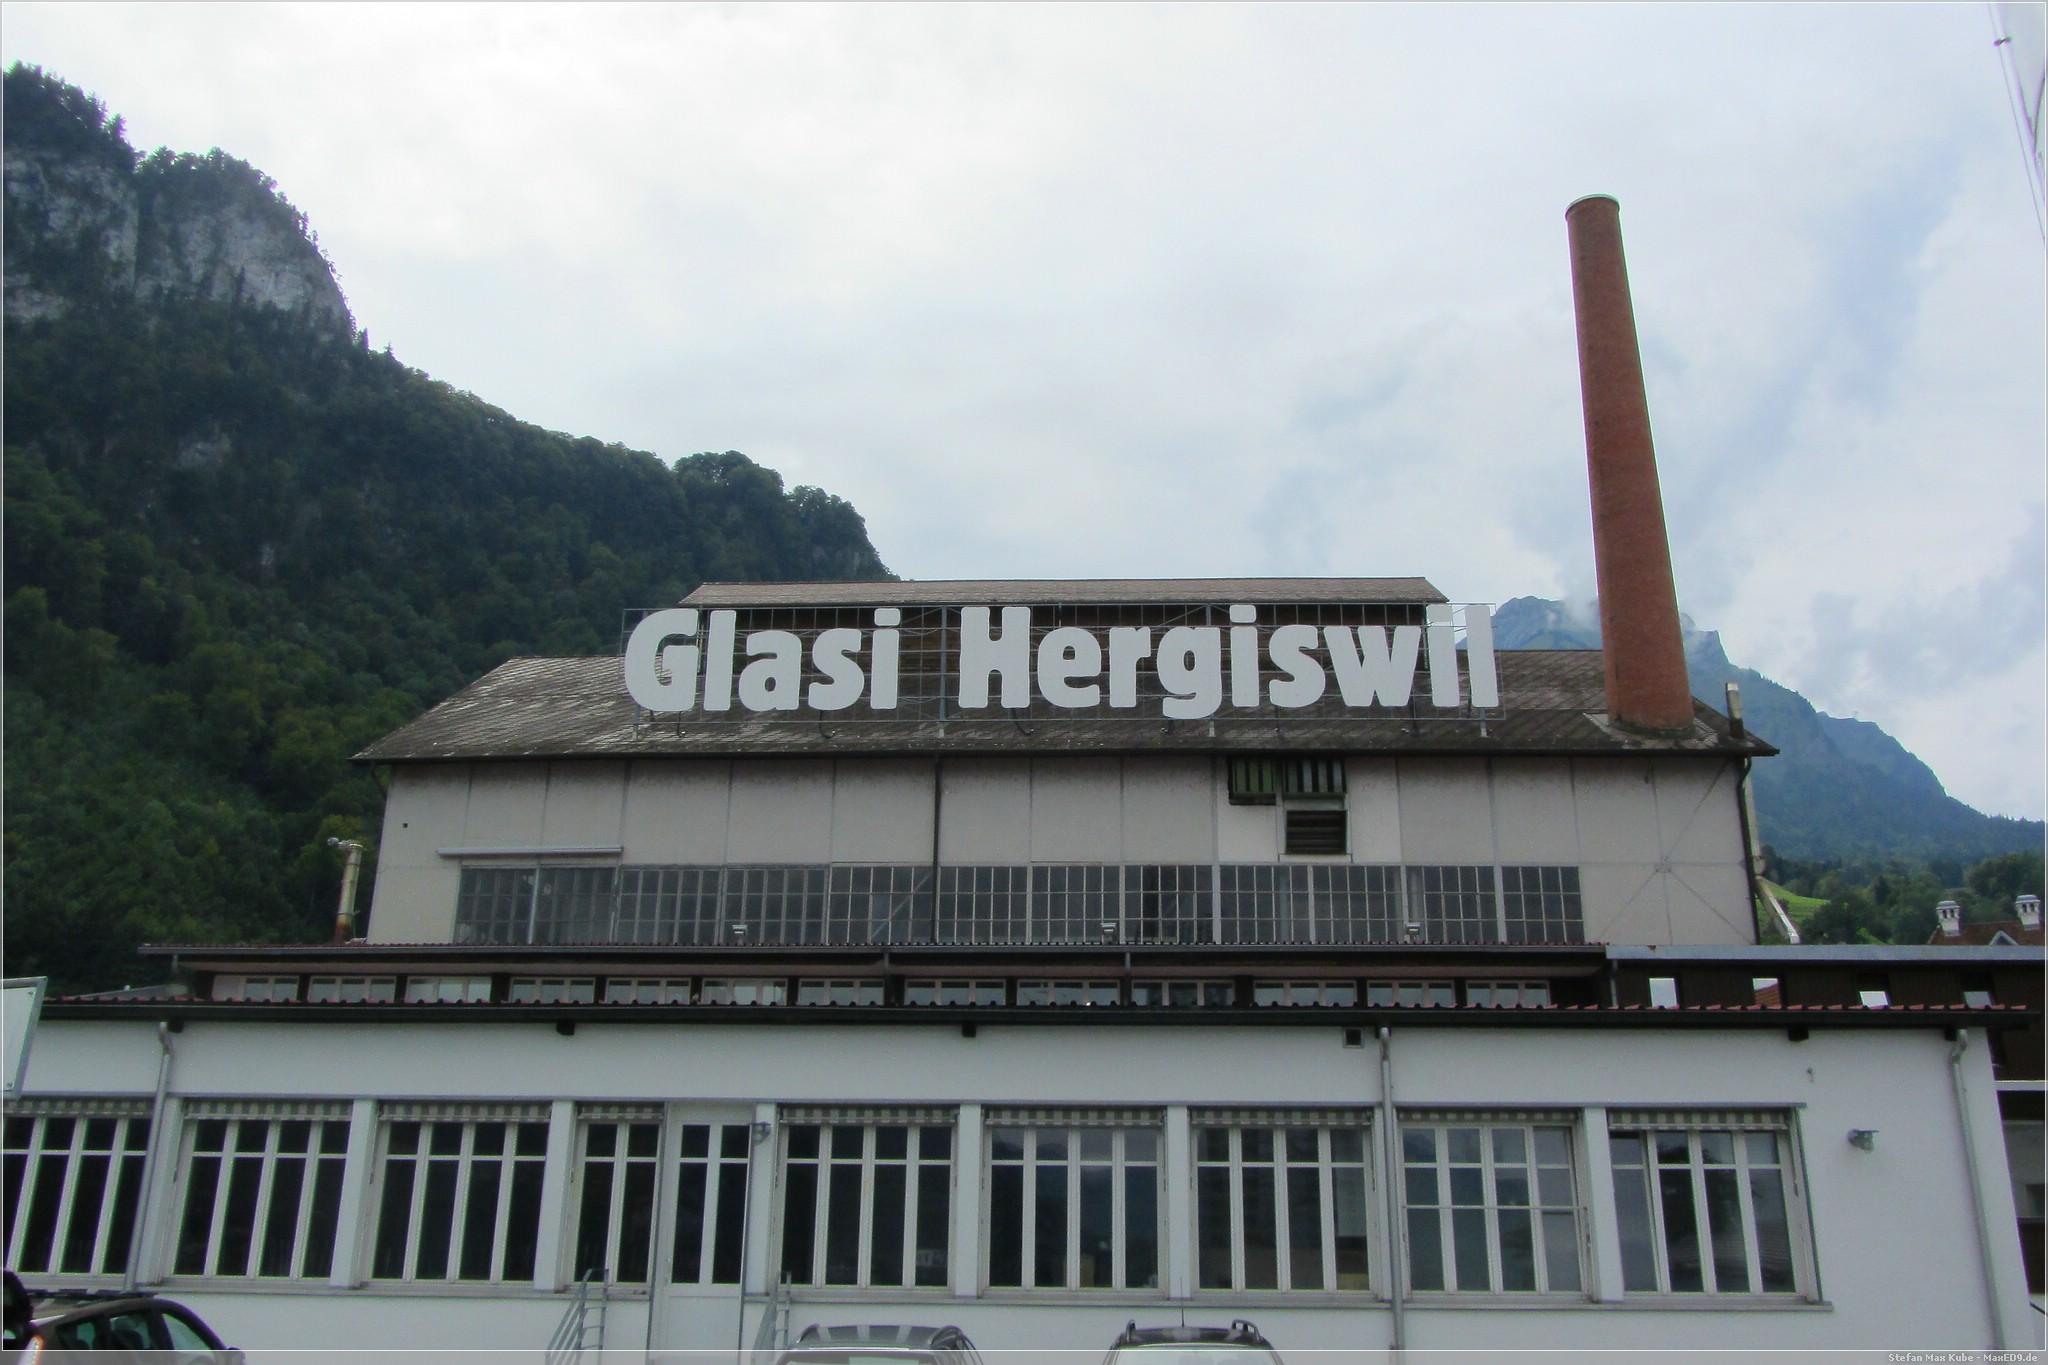 Glasi Hergiswil